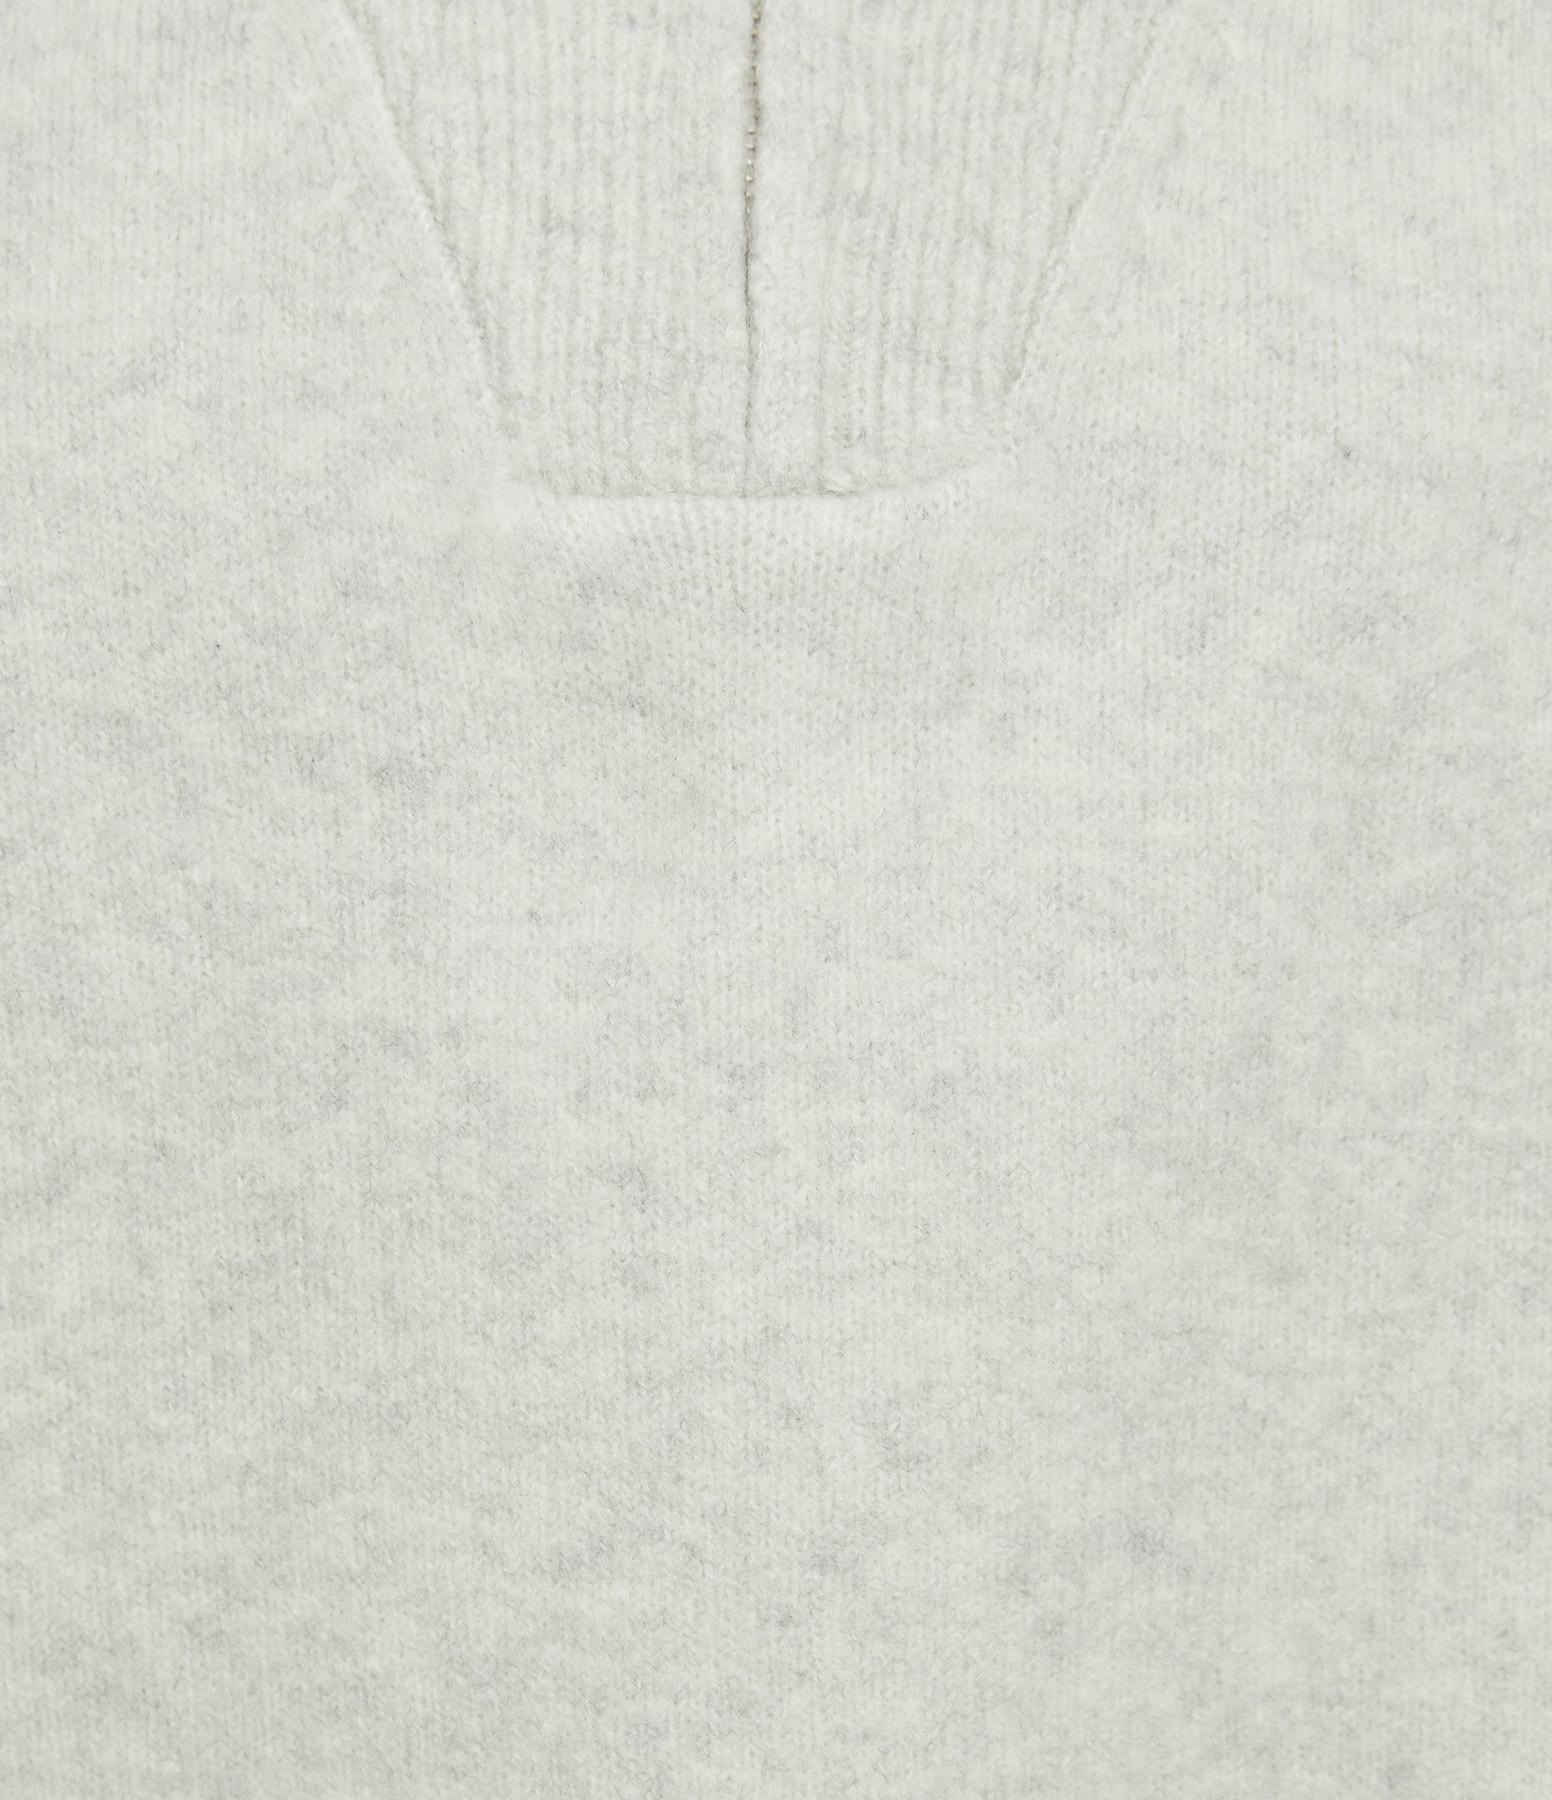 ISABEL MARANT ÉTOILE - Pull Fancy Coton Gris Clair